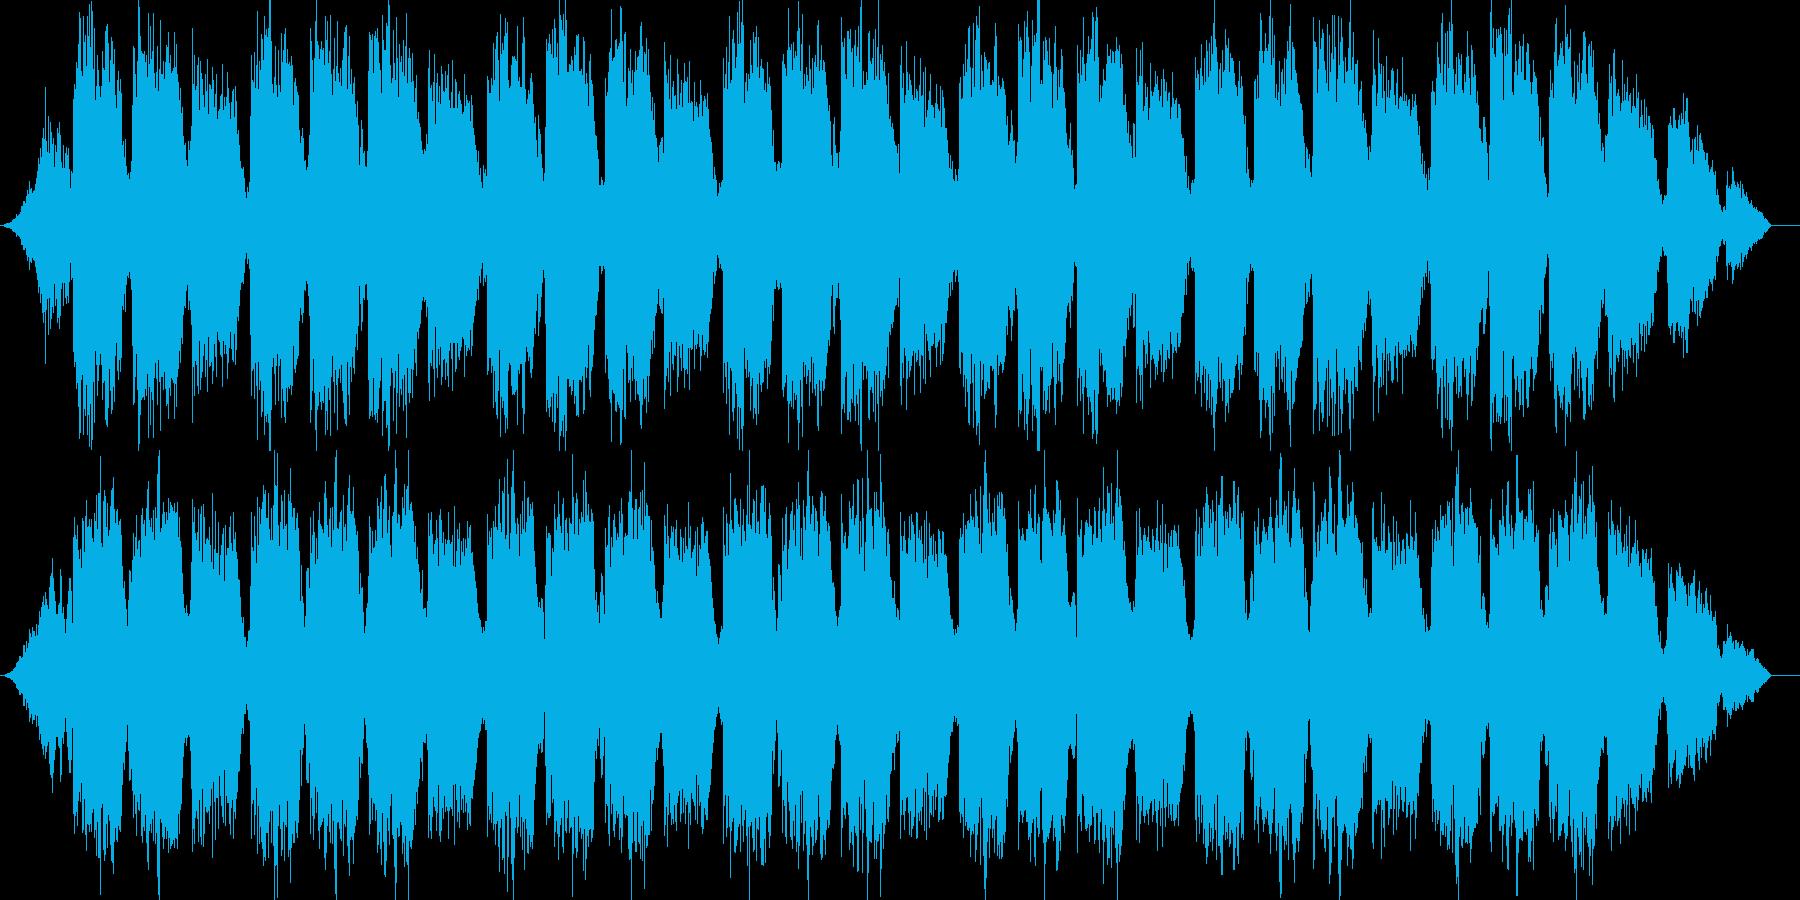 化学プラントサイレン タイプCの再生済みの波形